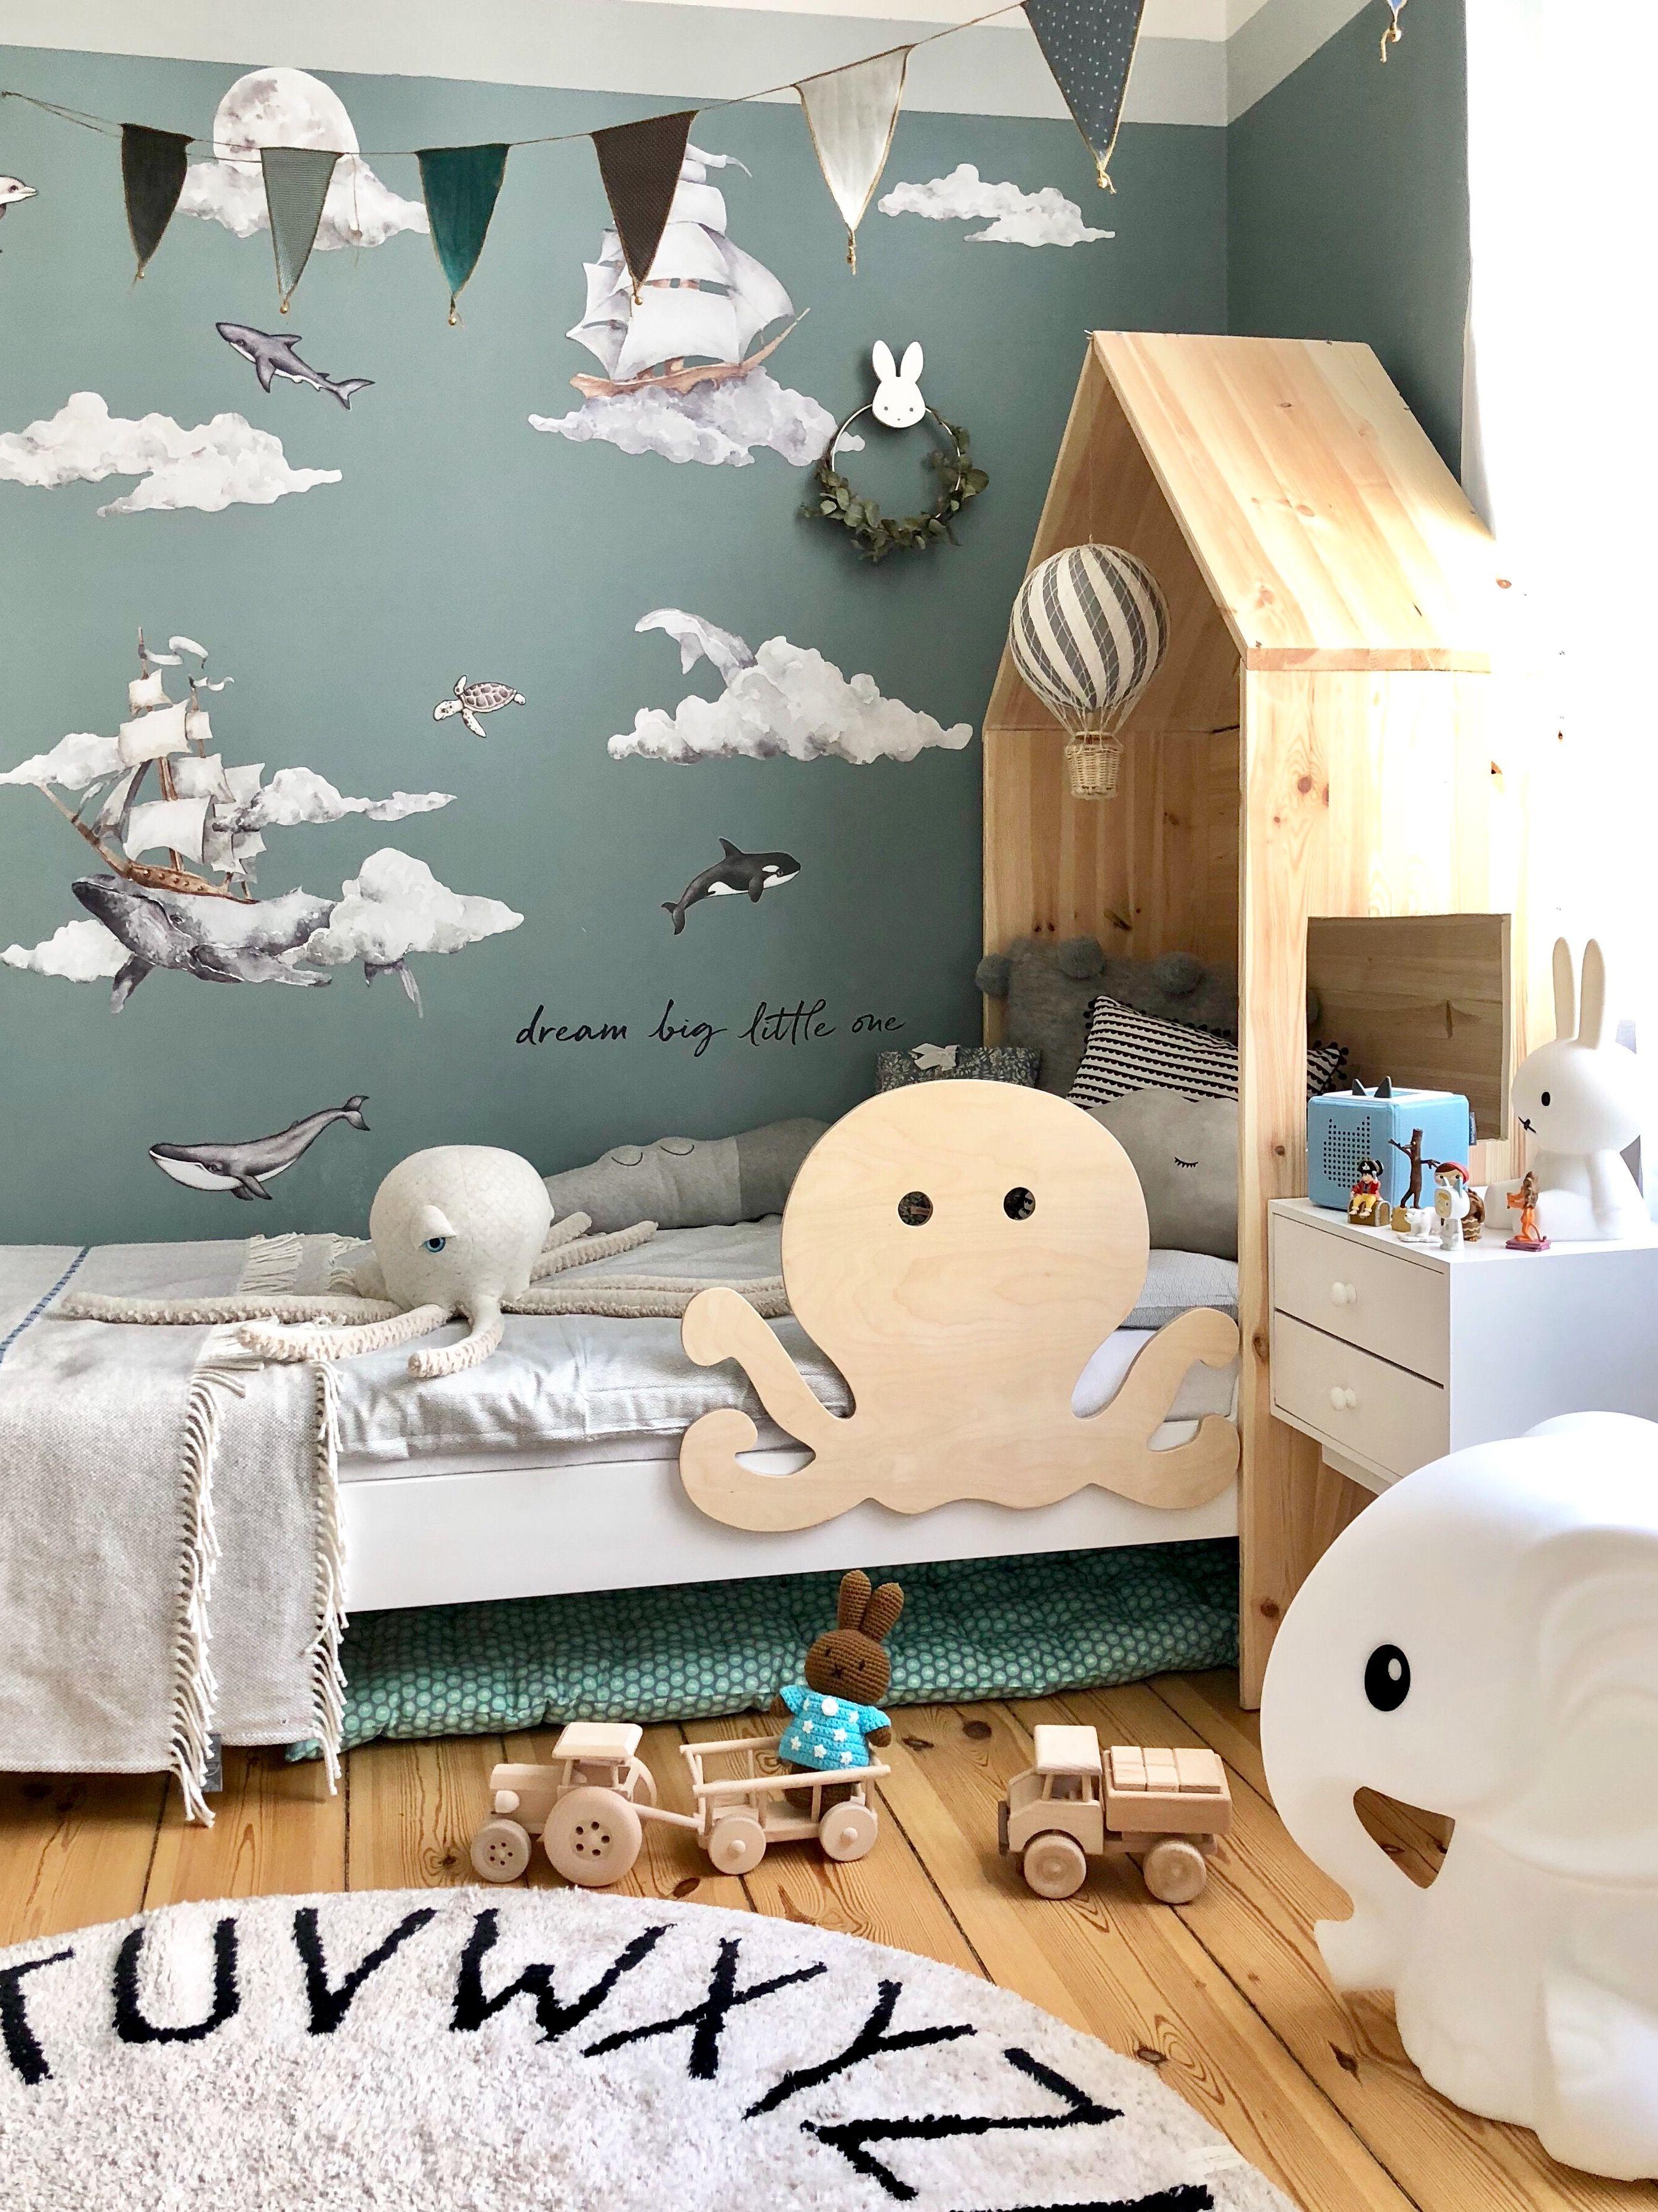 Rausfallschutz pulpo bedrail octopus kidsroom kinderzimmer for Bett scandinavian design